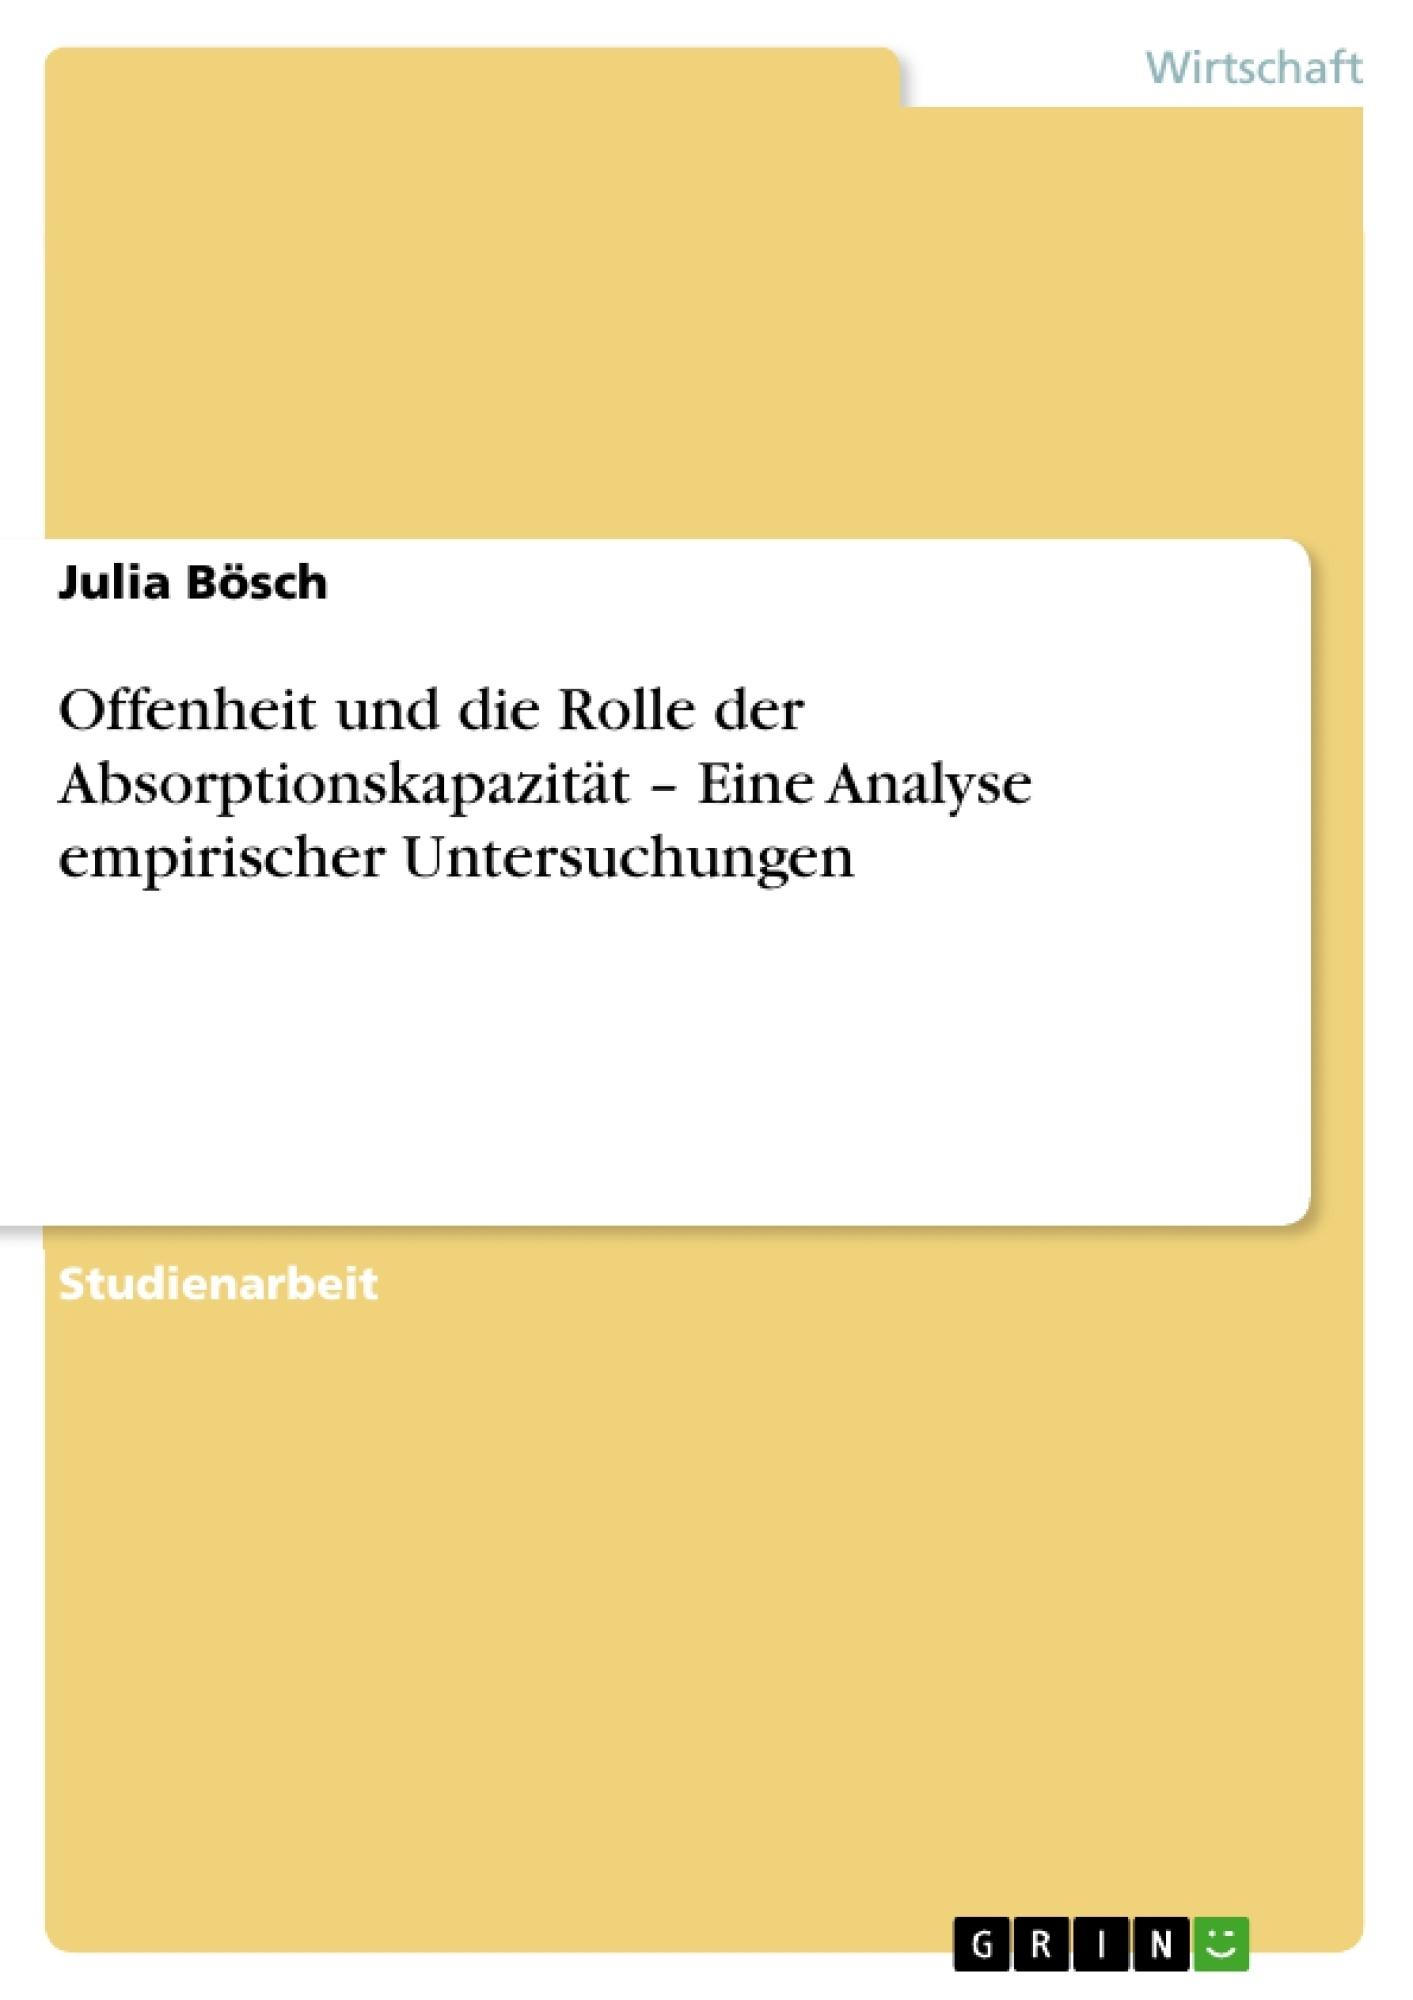 Titel: Offenheit und die Rolle der Absorptionskapazität – Eine Analyse empirischer Untersuchungen